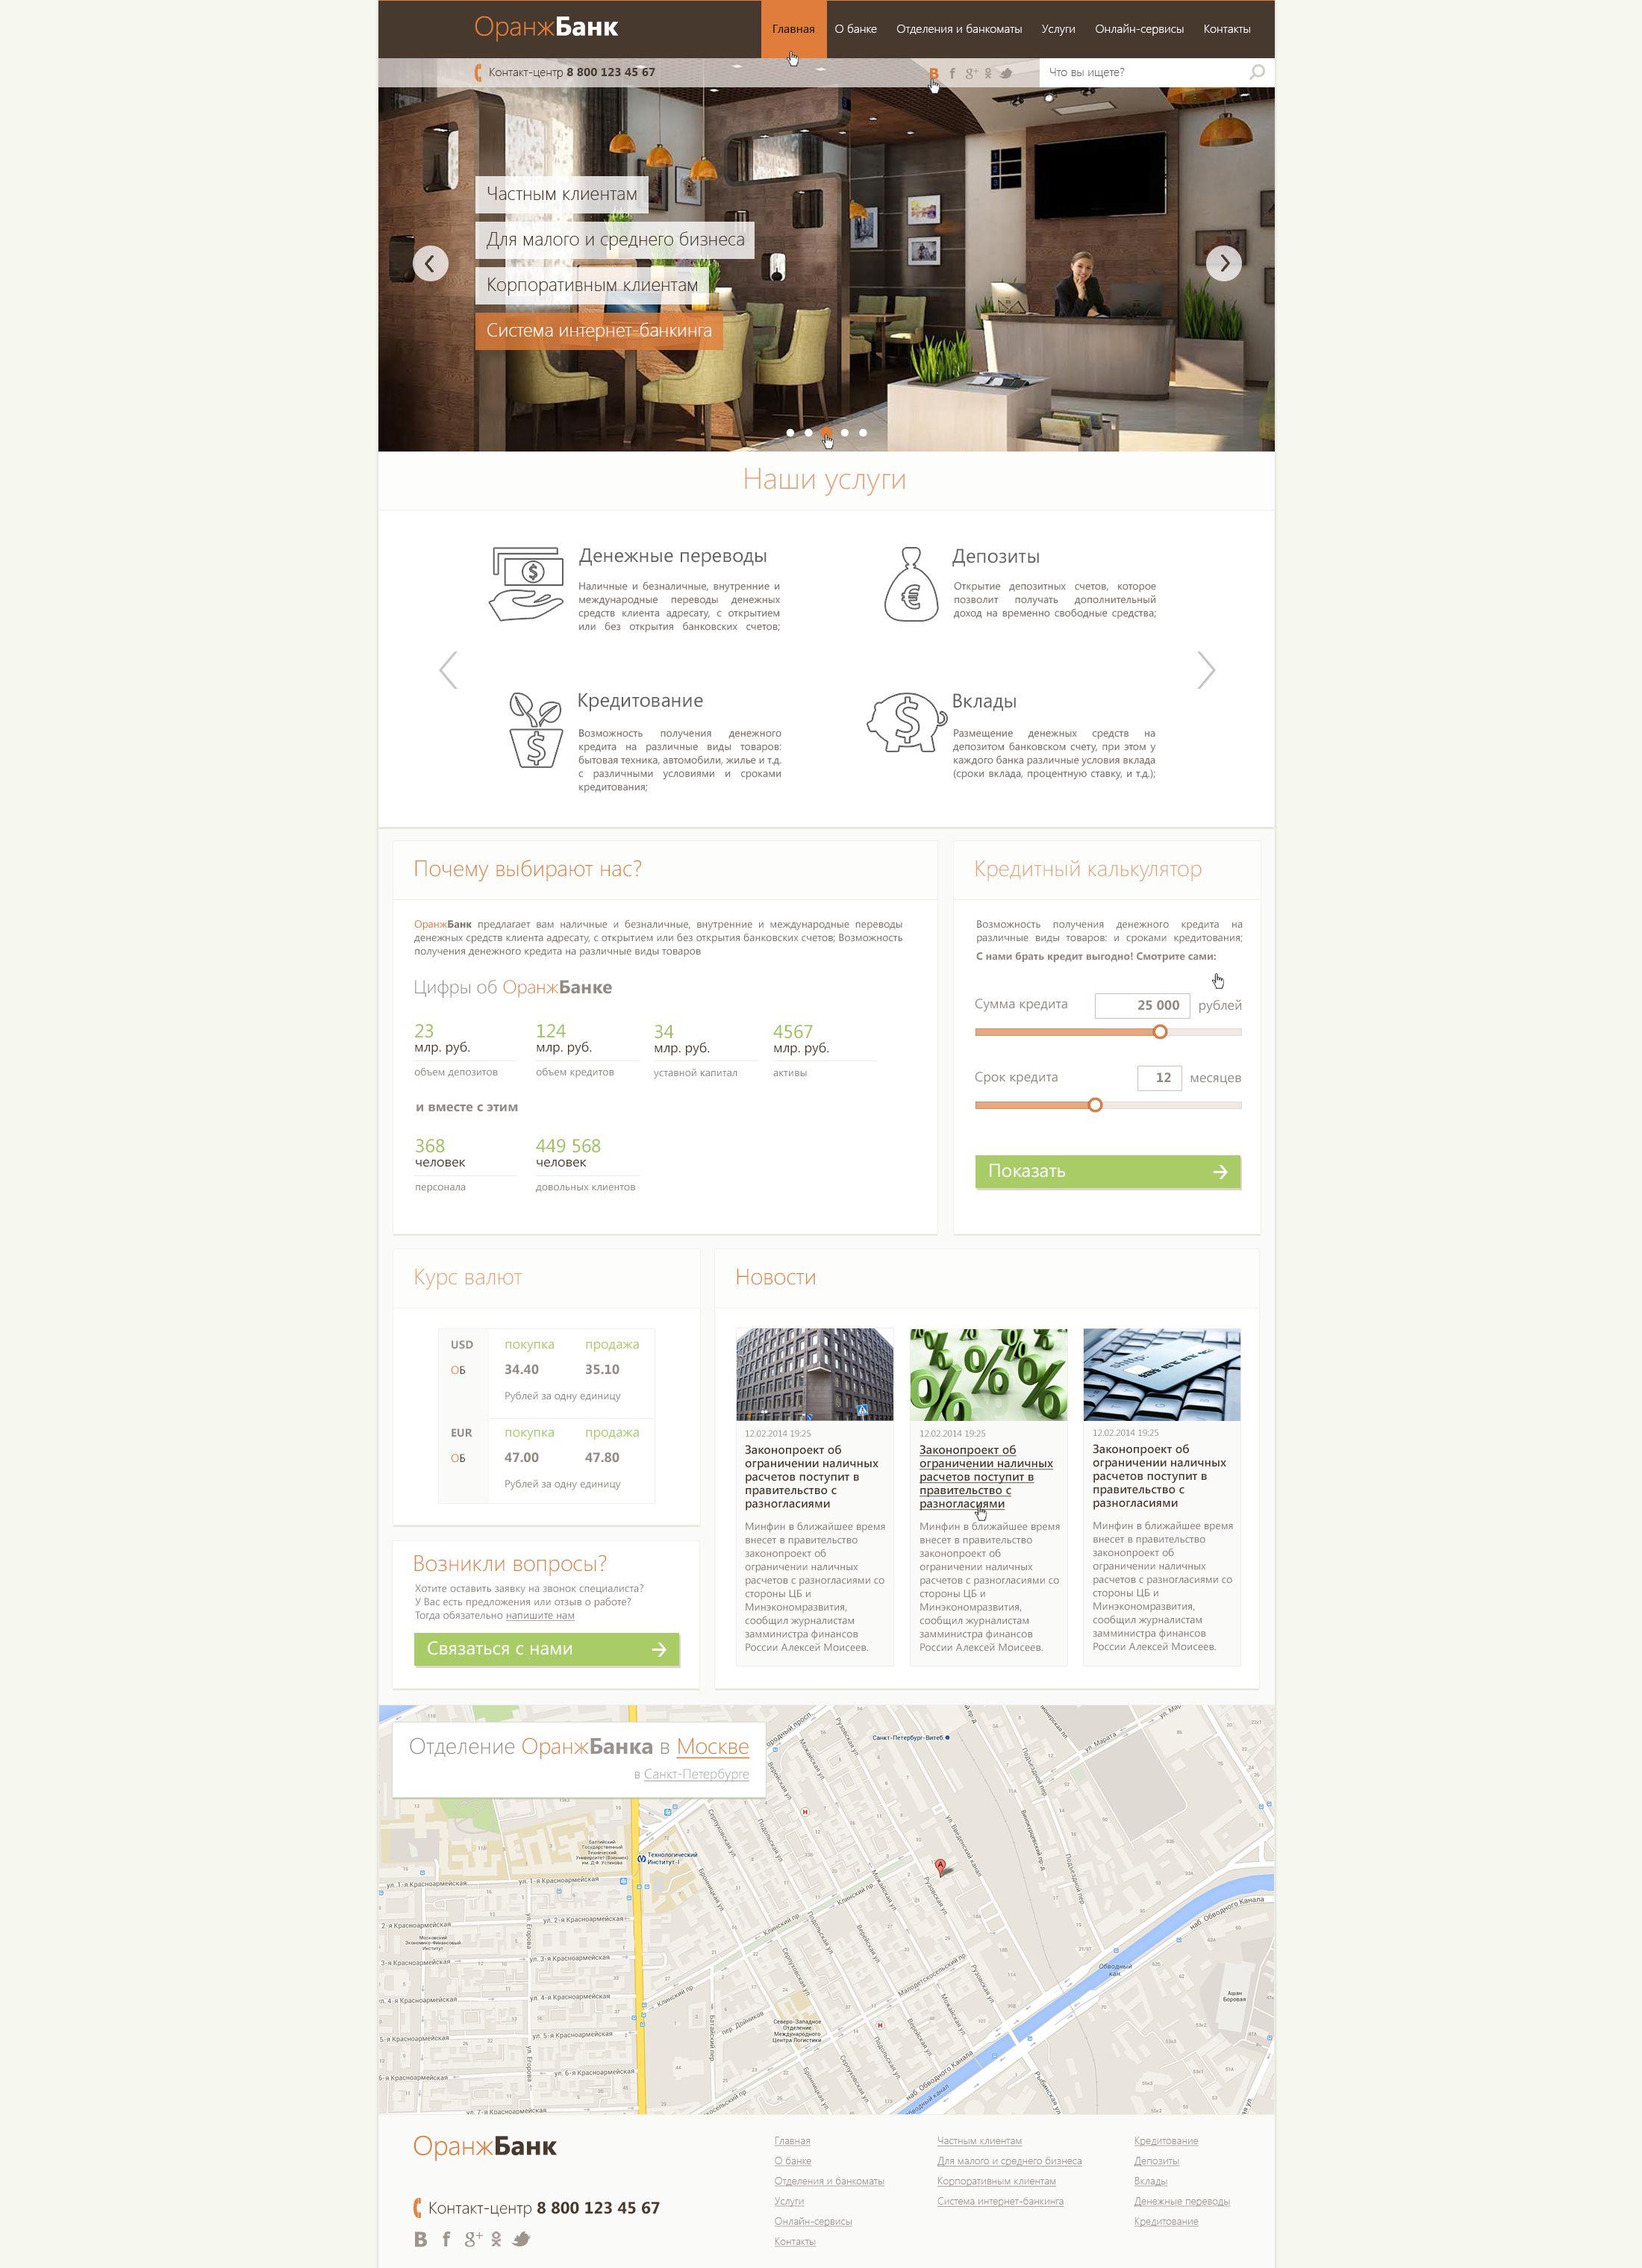 Креативный дизайн Главной страницы Банка - дизайнер Anna_Fatalieva